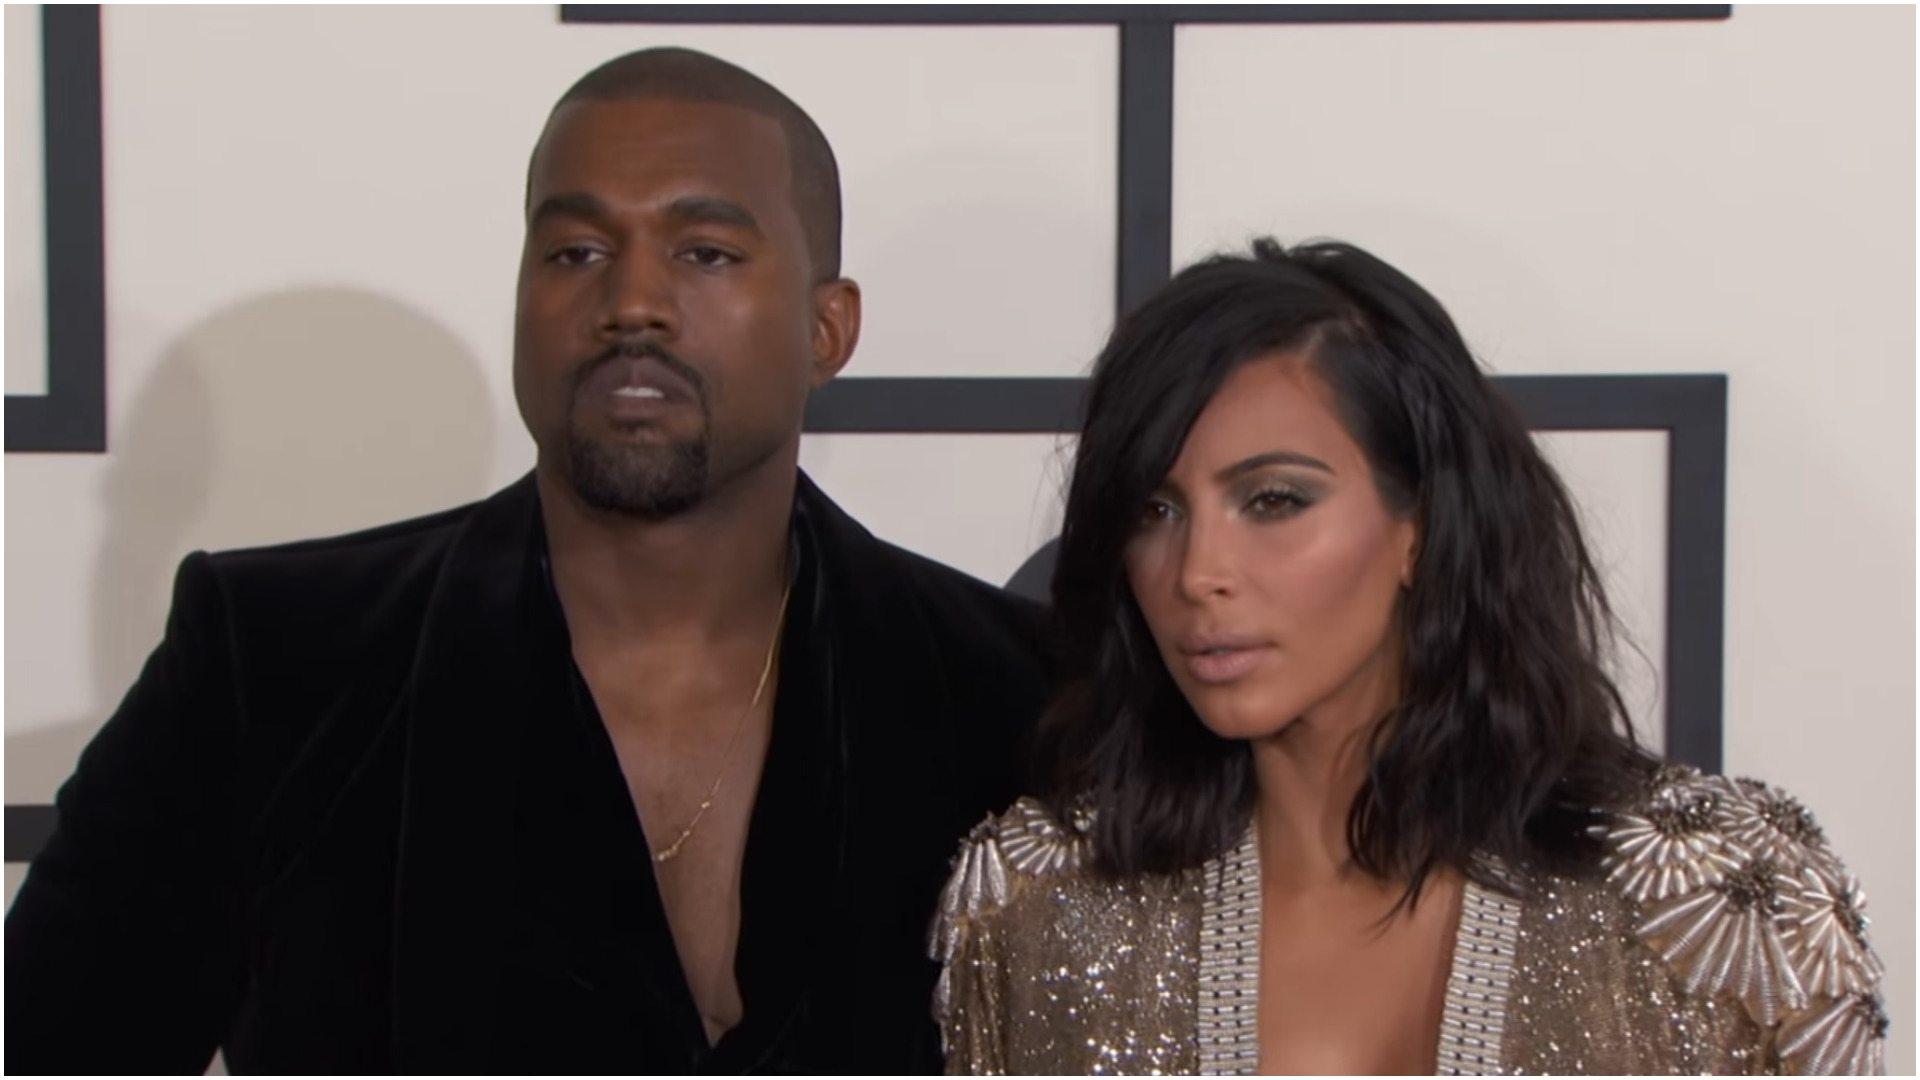 Koszmar! Kanye West i Kim Kardashian w szpitalu, jest bardzo źle